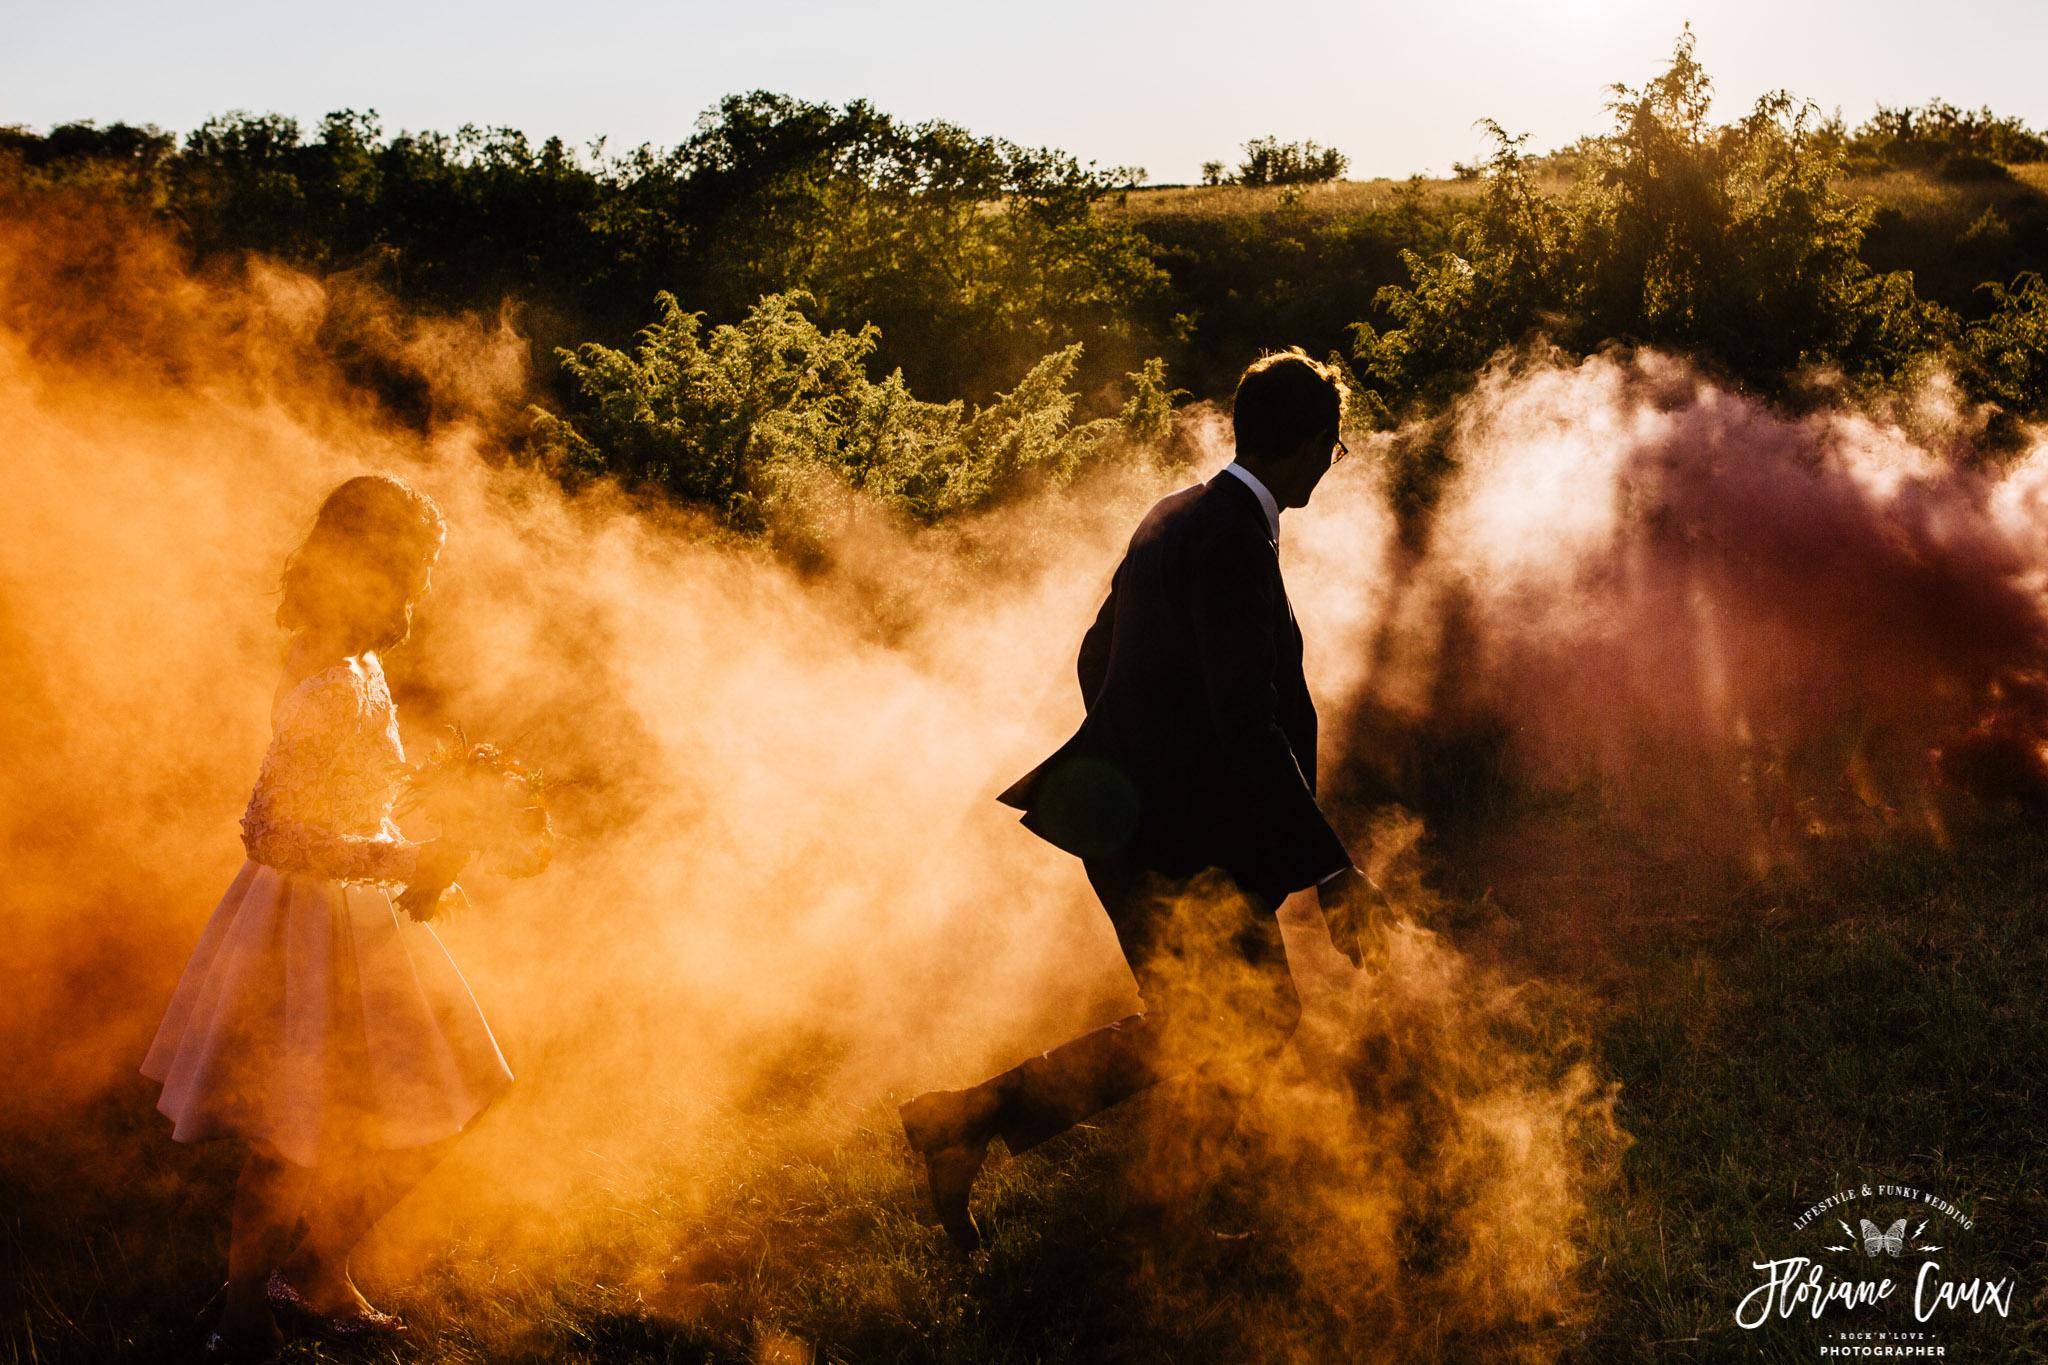 photographe-mariage-funky-licorne-fumigenes-badass-9